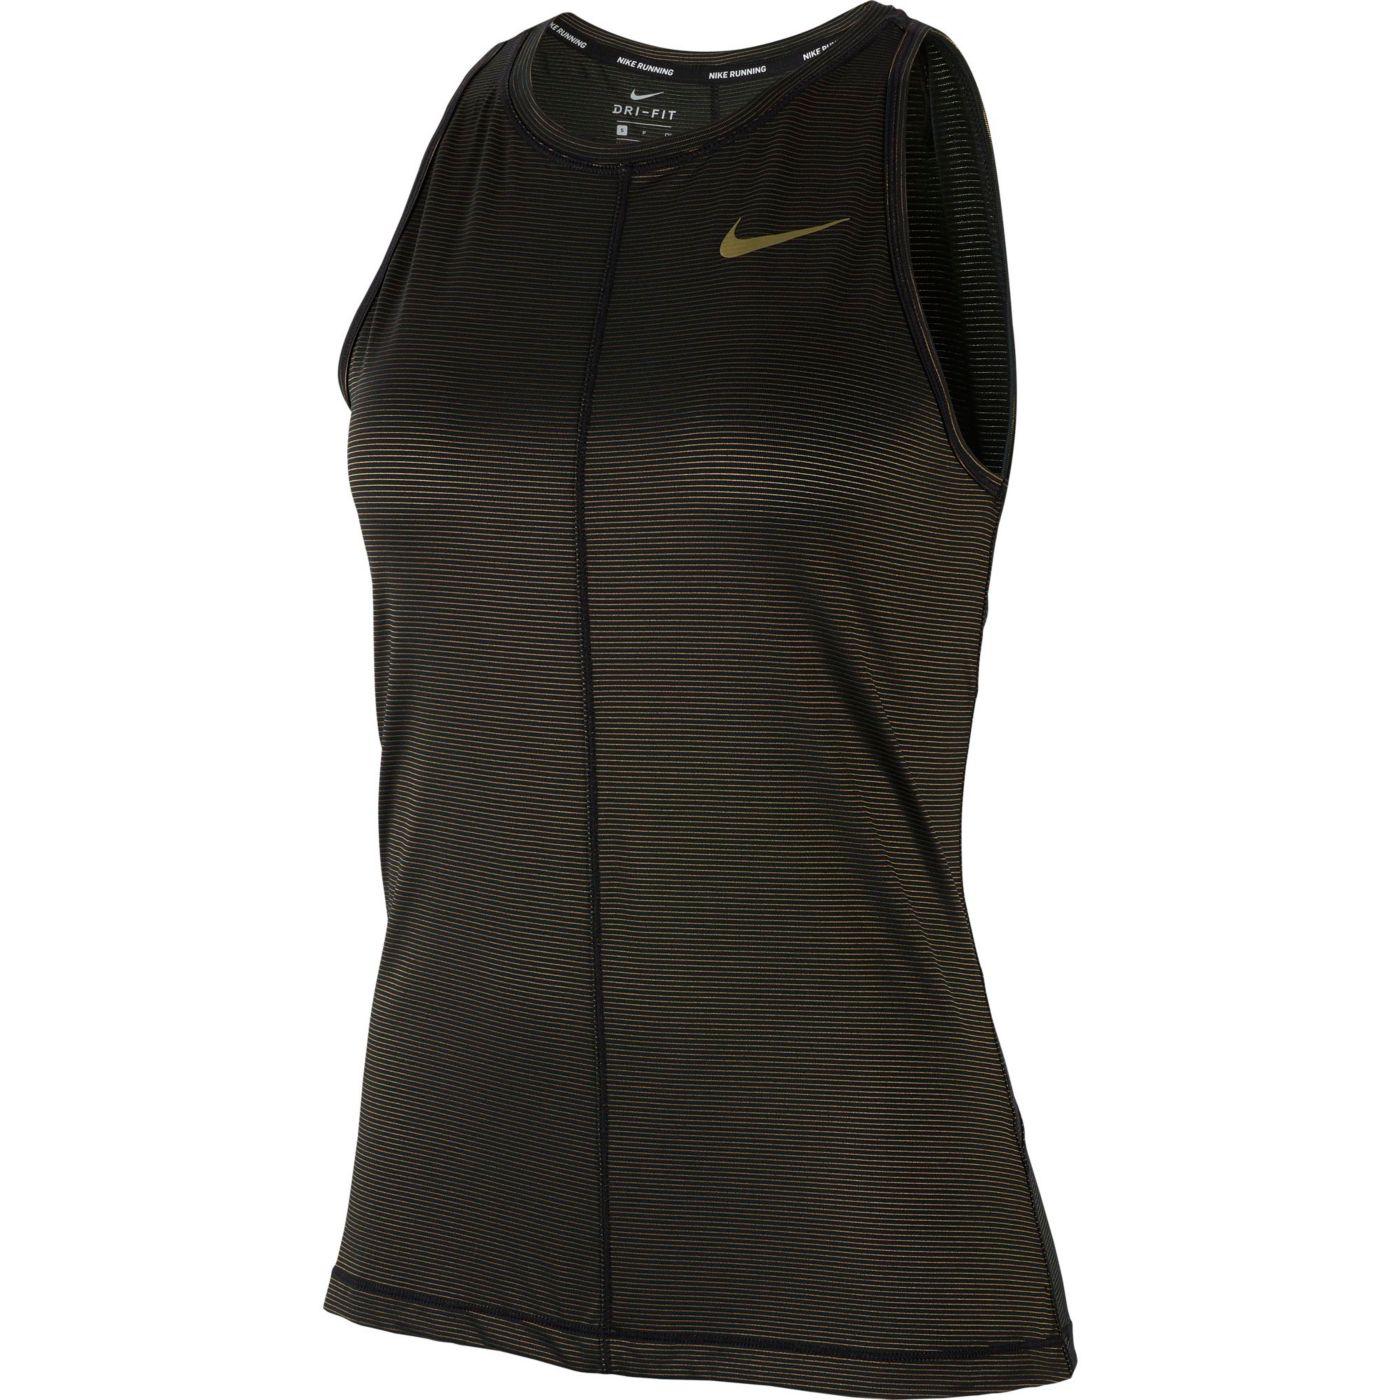 Nike Women's Miler Shine Running Tank Top